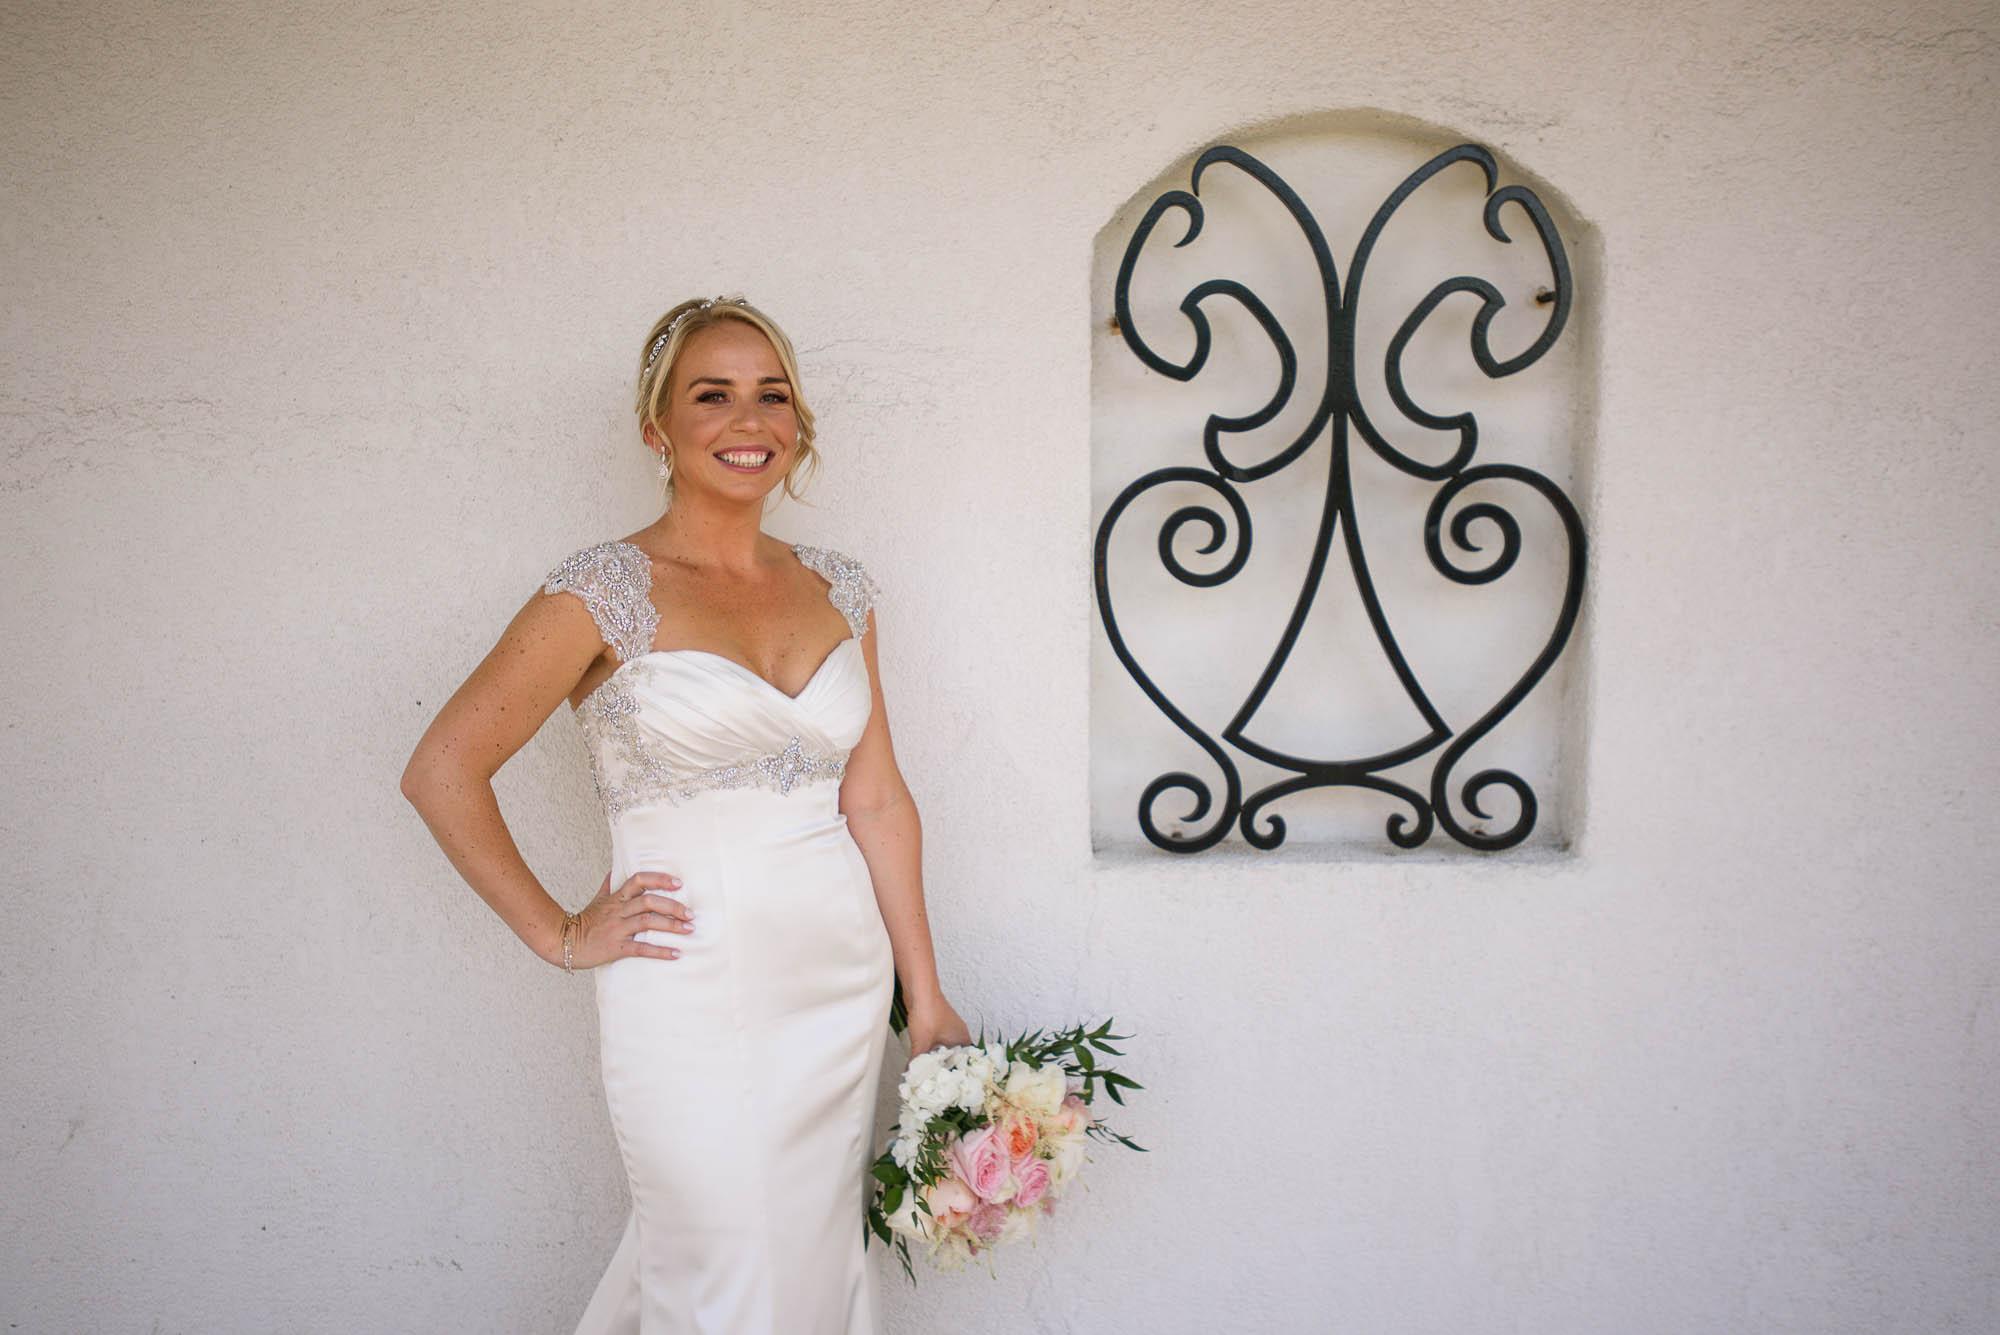 020_Alan_and_Heidi_Wedding_Amanda_Chad